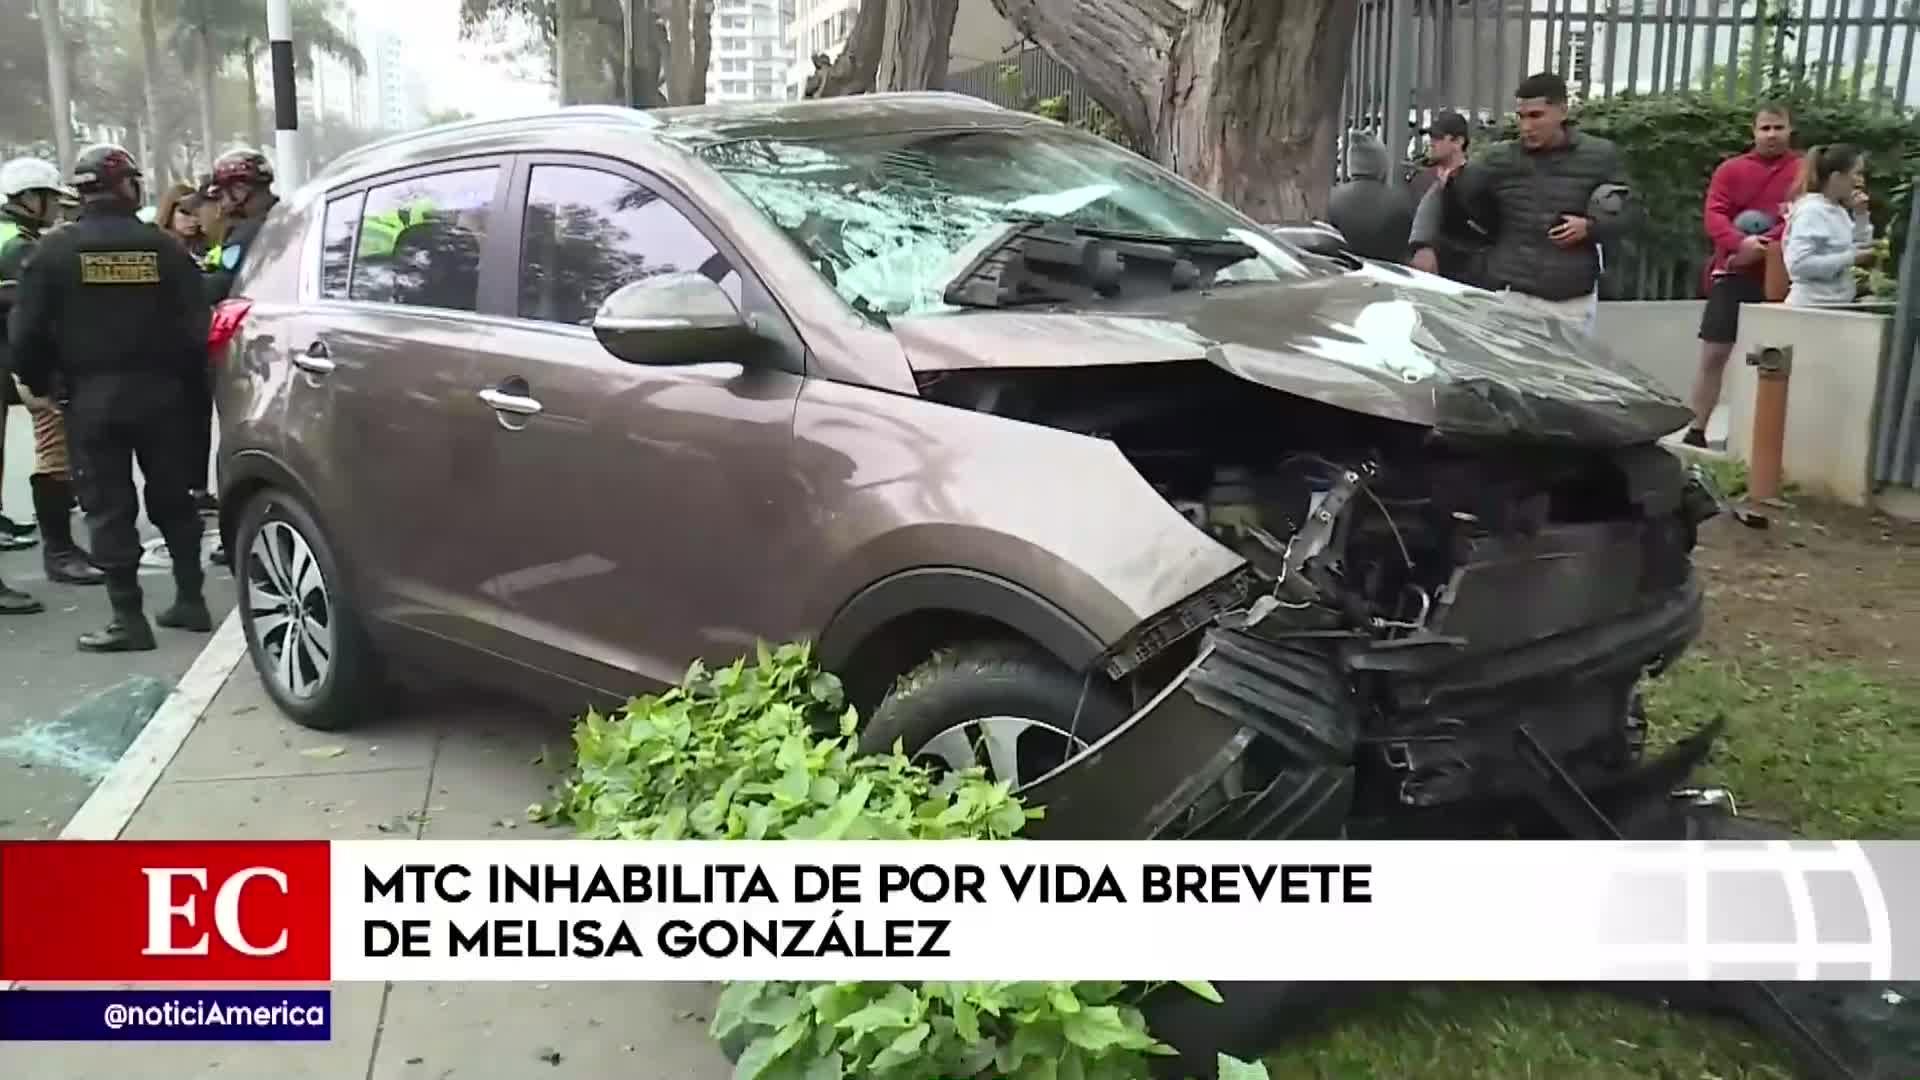 MTC inhabilitará de por vida brevete de Melisa González Gagliuffi